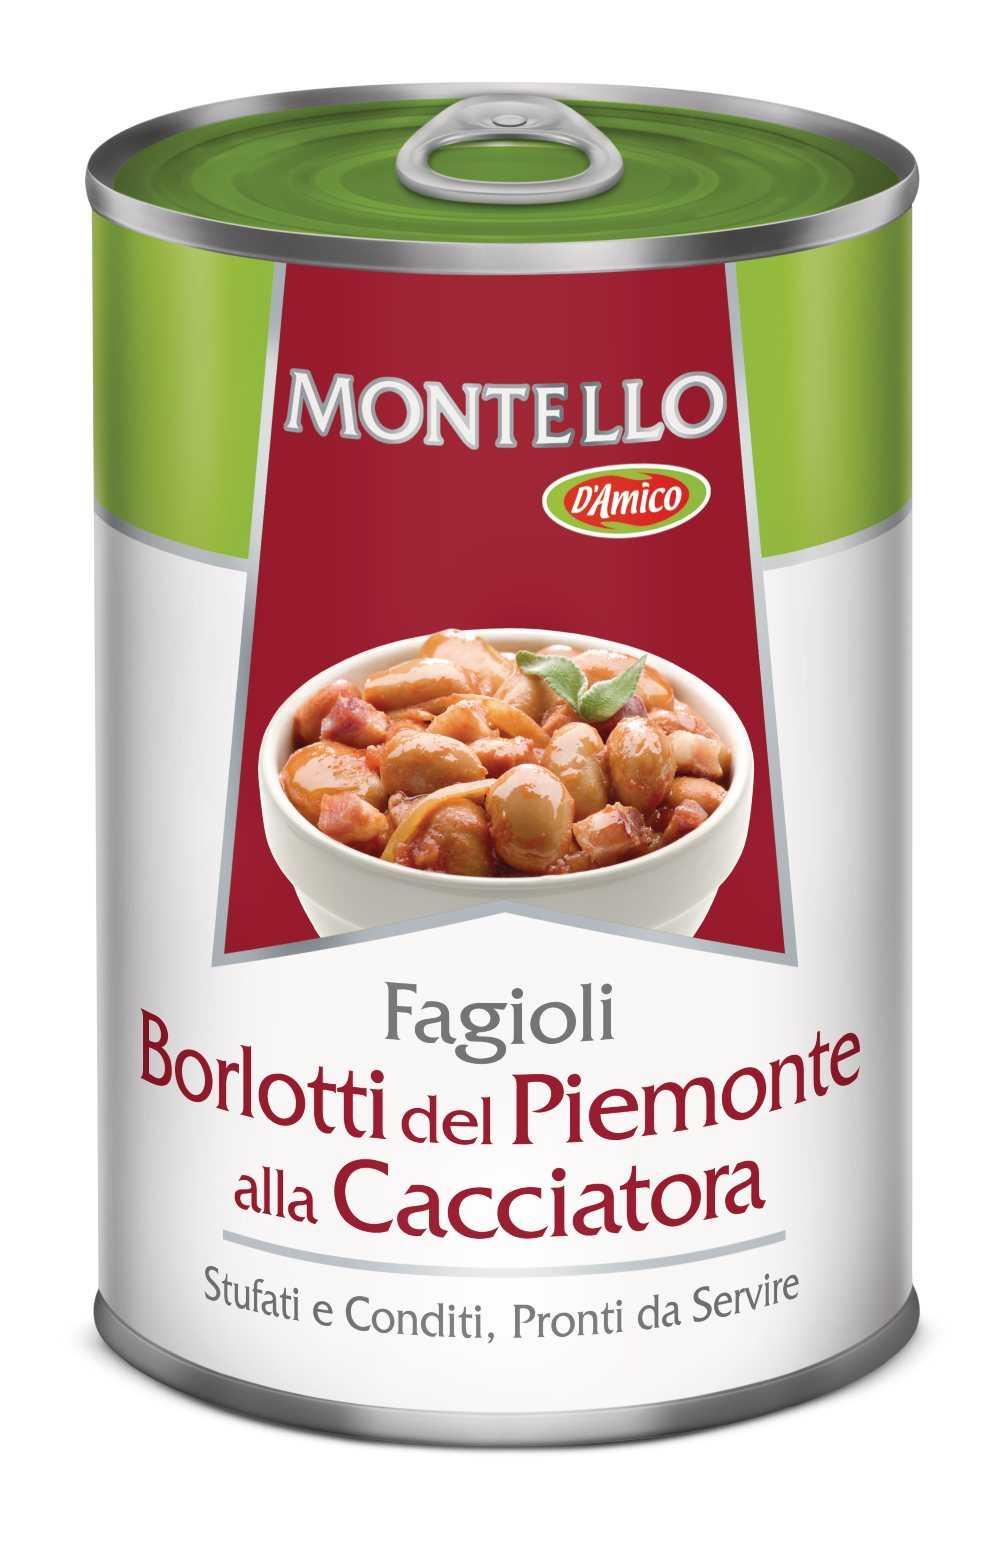 Fagioli Borlotti del Piemonte alla cacciatora